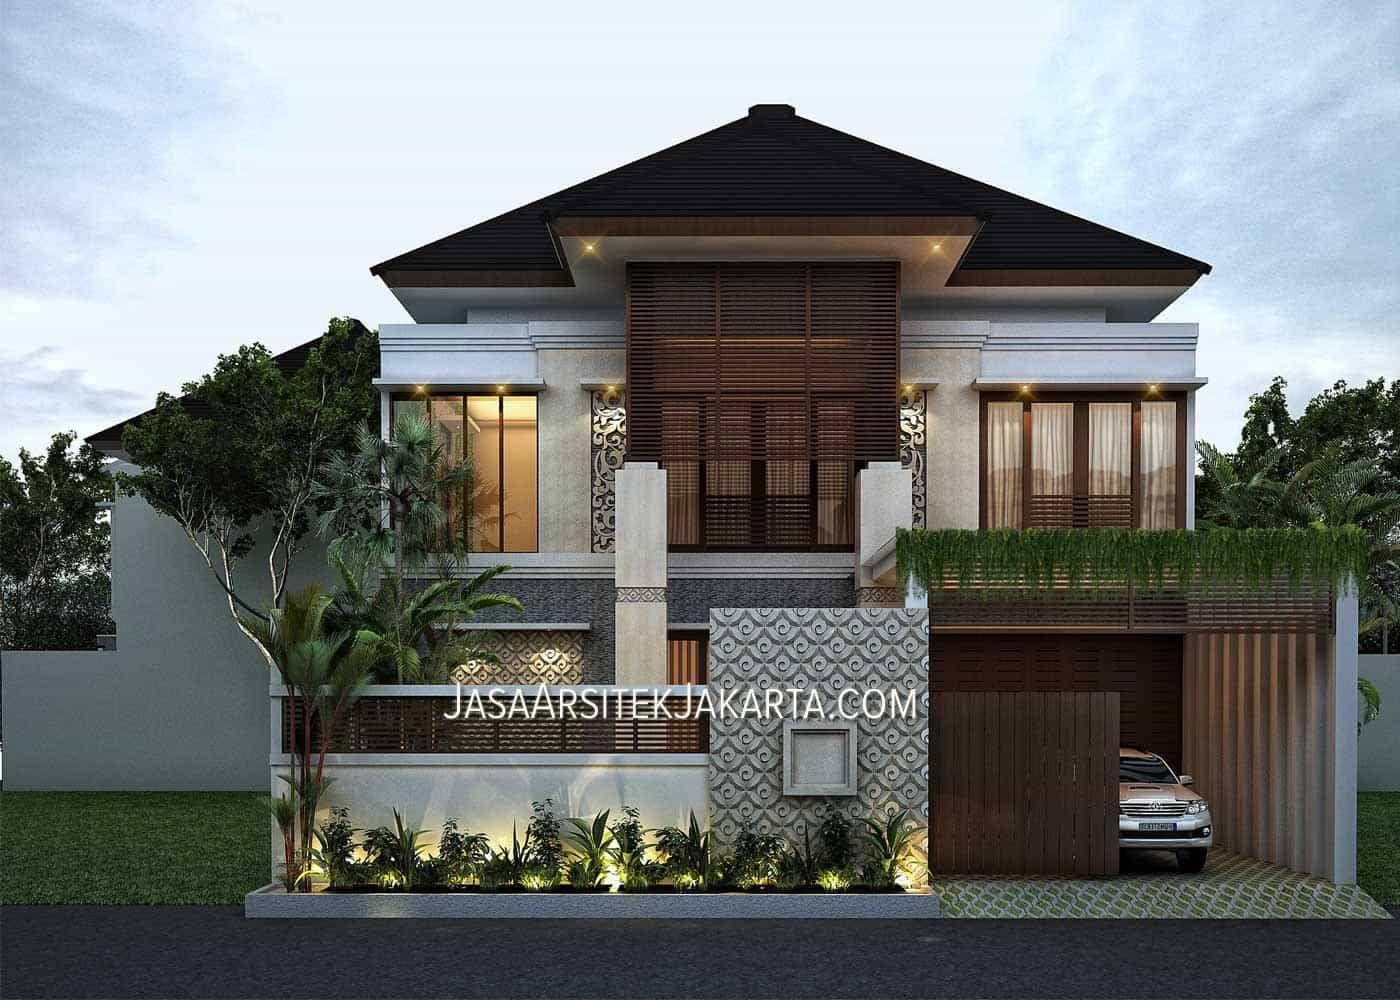 Desain Rumah Mewah Dan Elegan